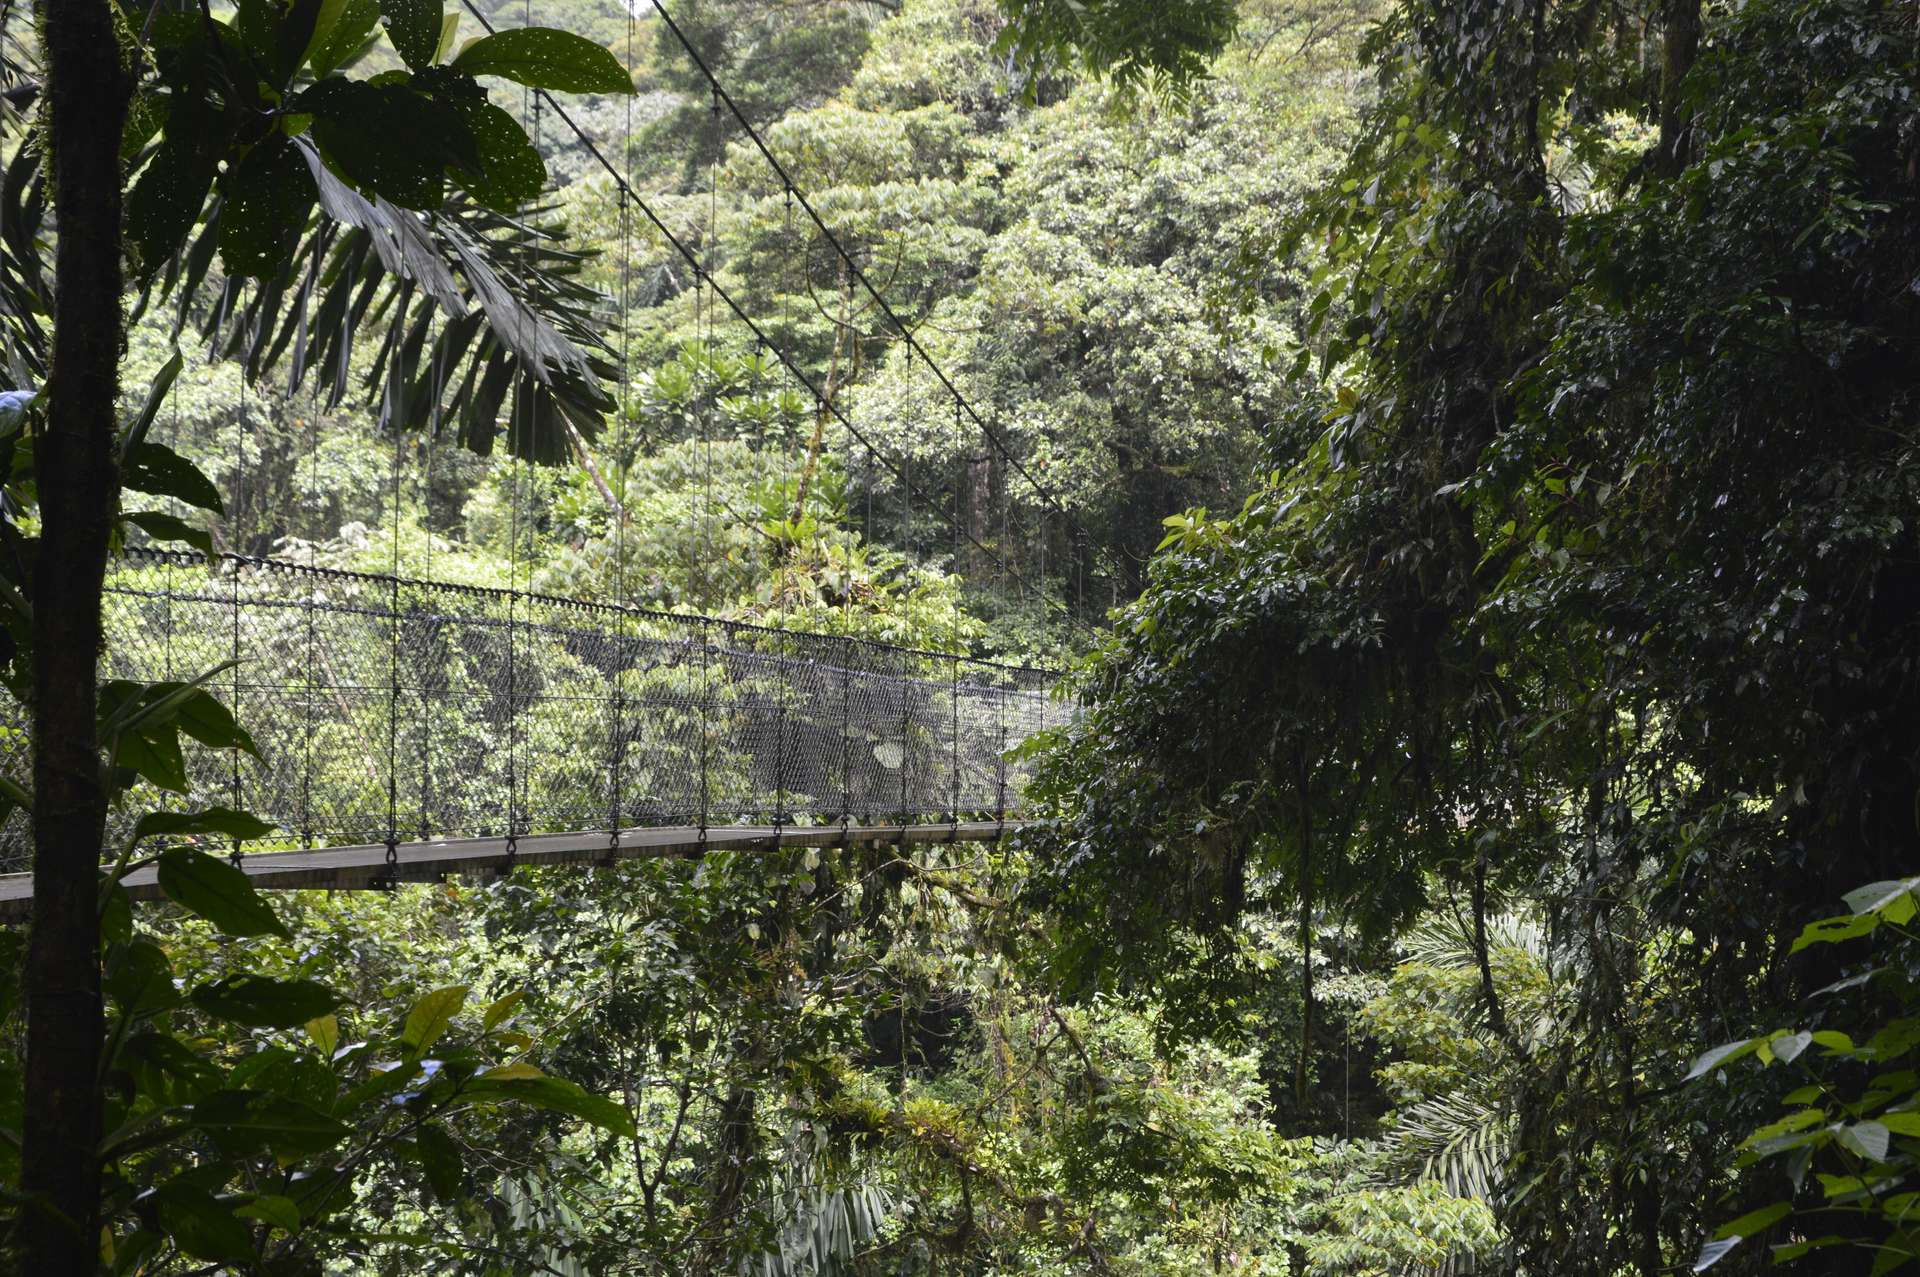 Costa Rica, La Fortuna, Mistico